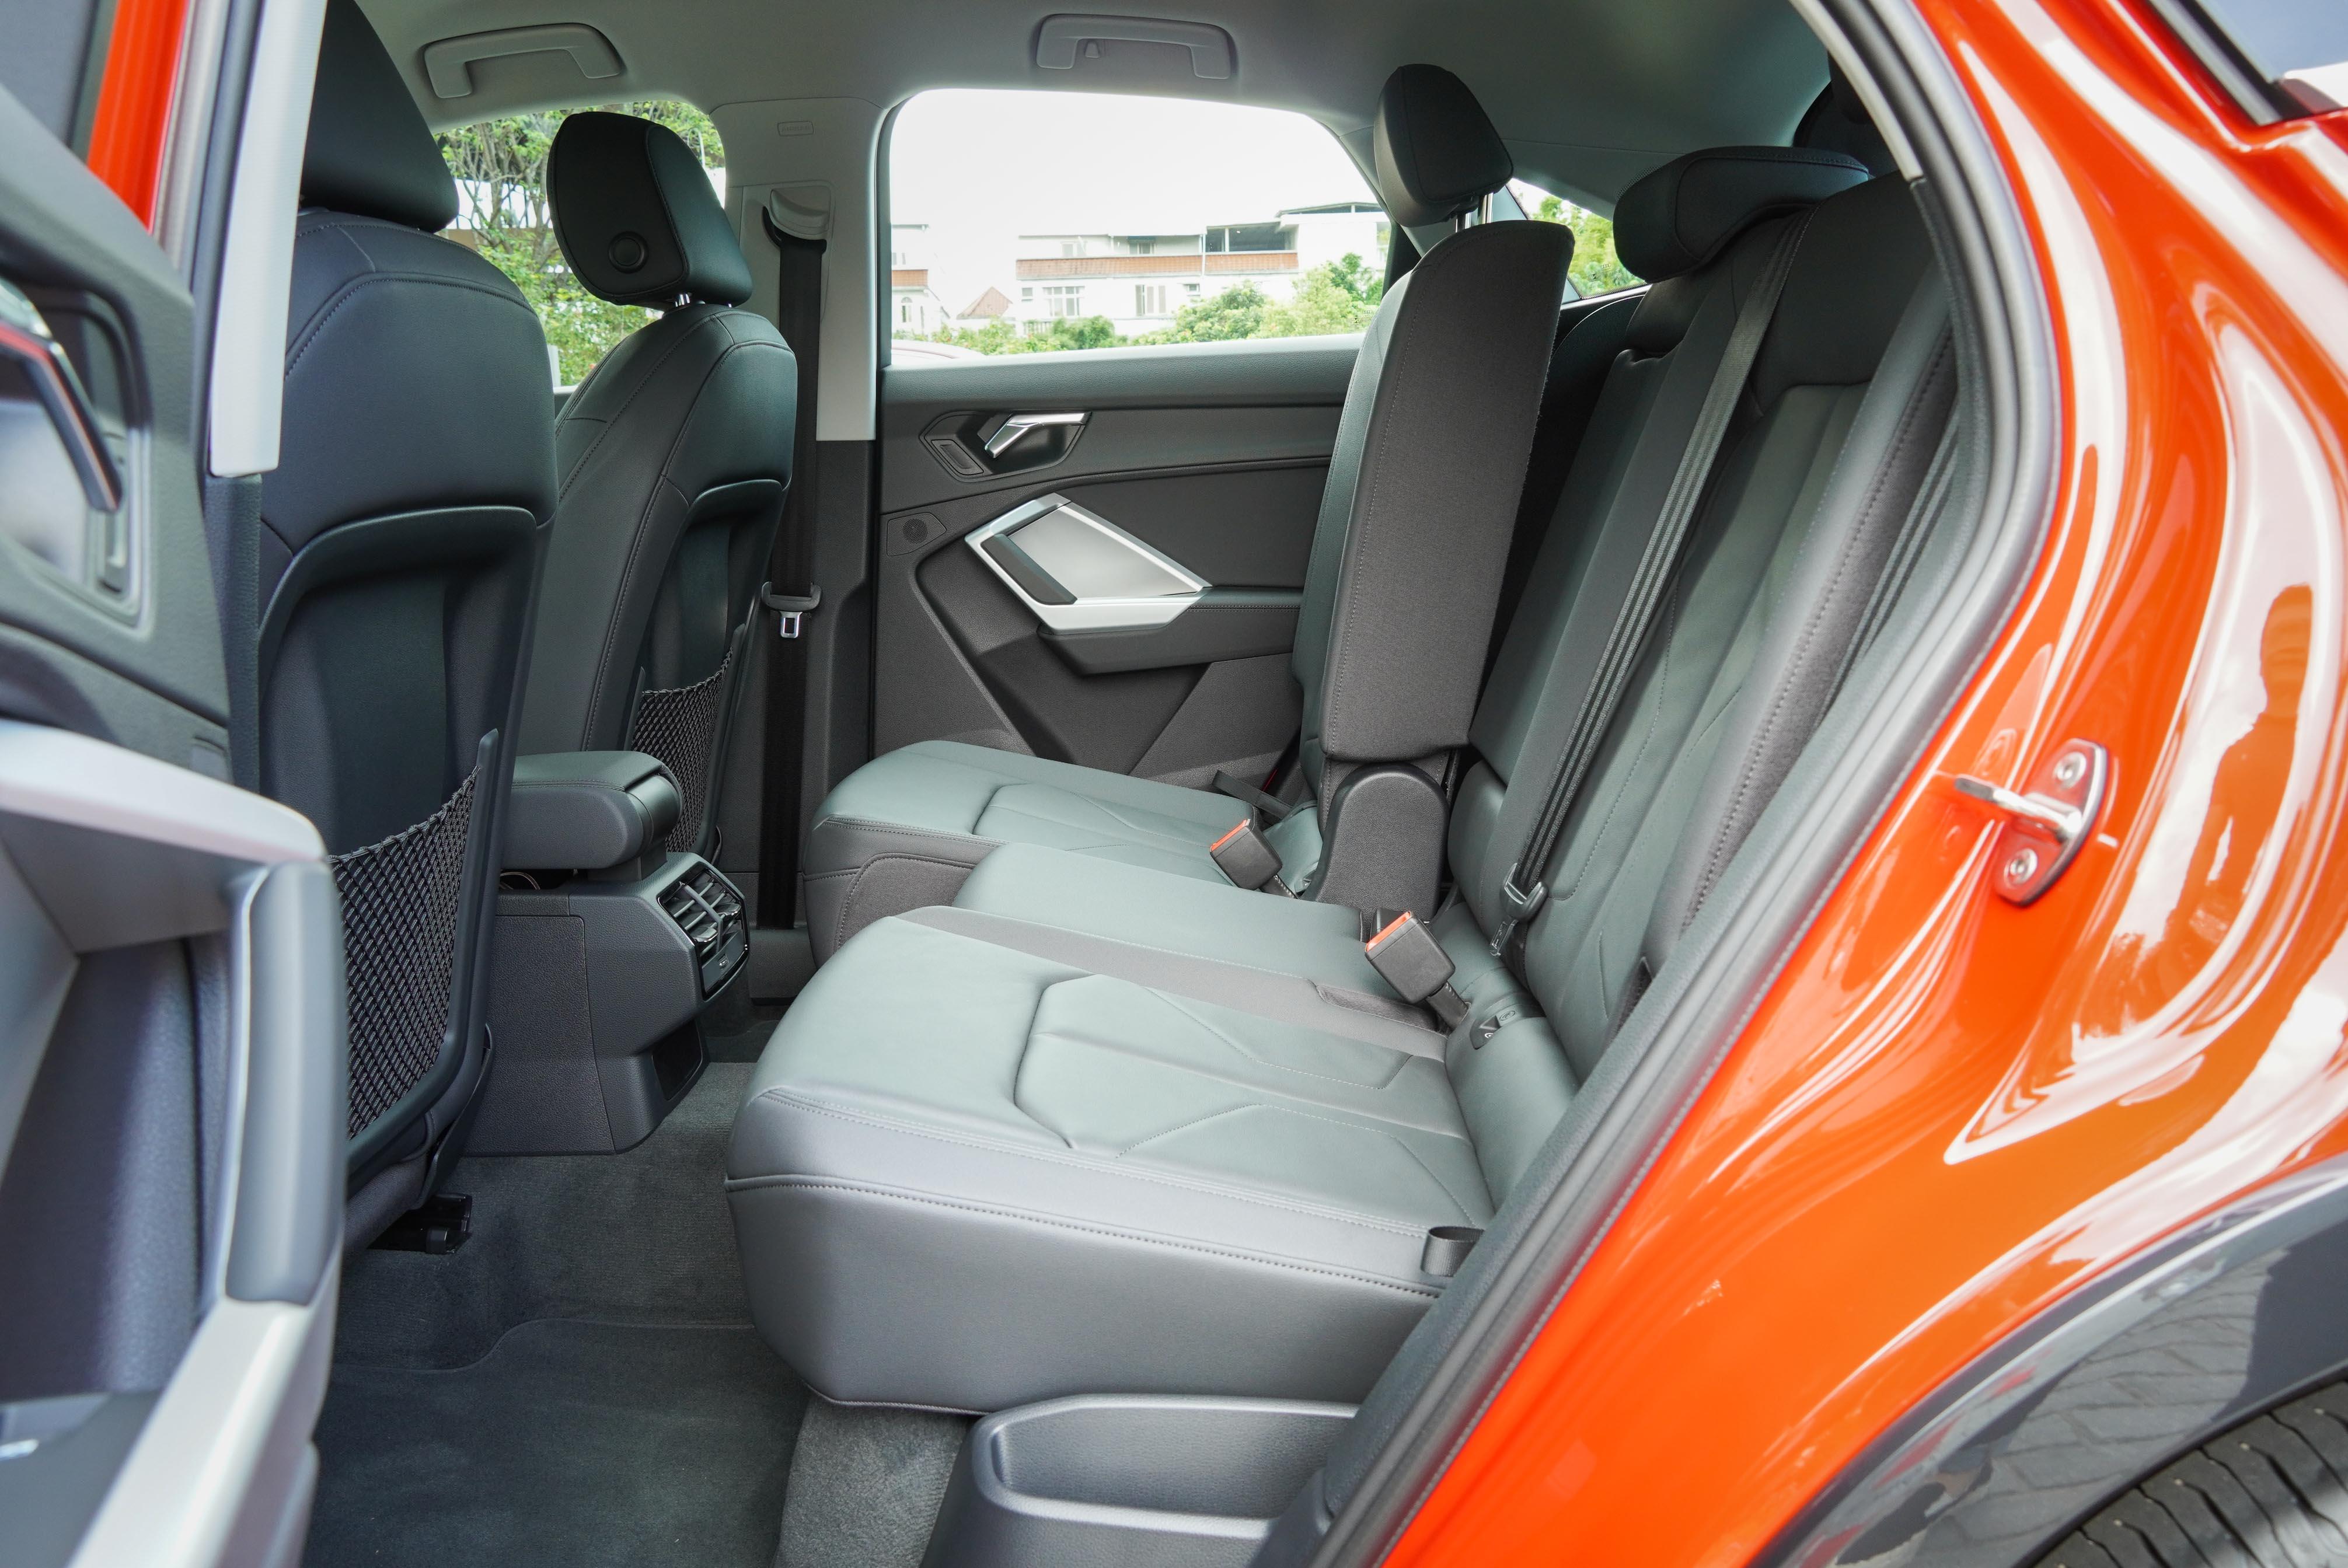 後排座椅亦可前後滑移 150 mm(Q3 Sportback為130 mm),並具備 7 段式椅背調整功能。